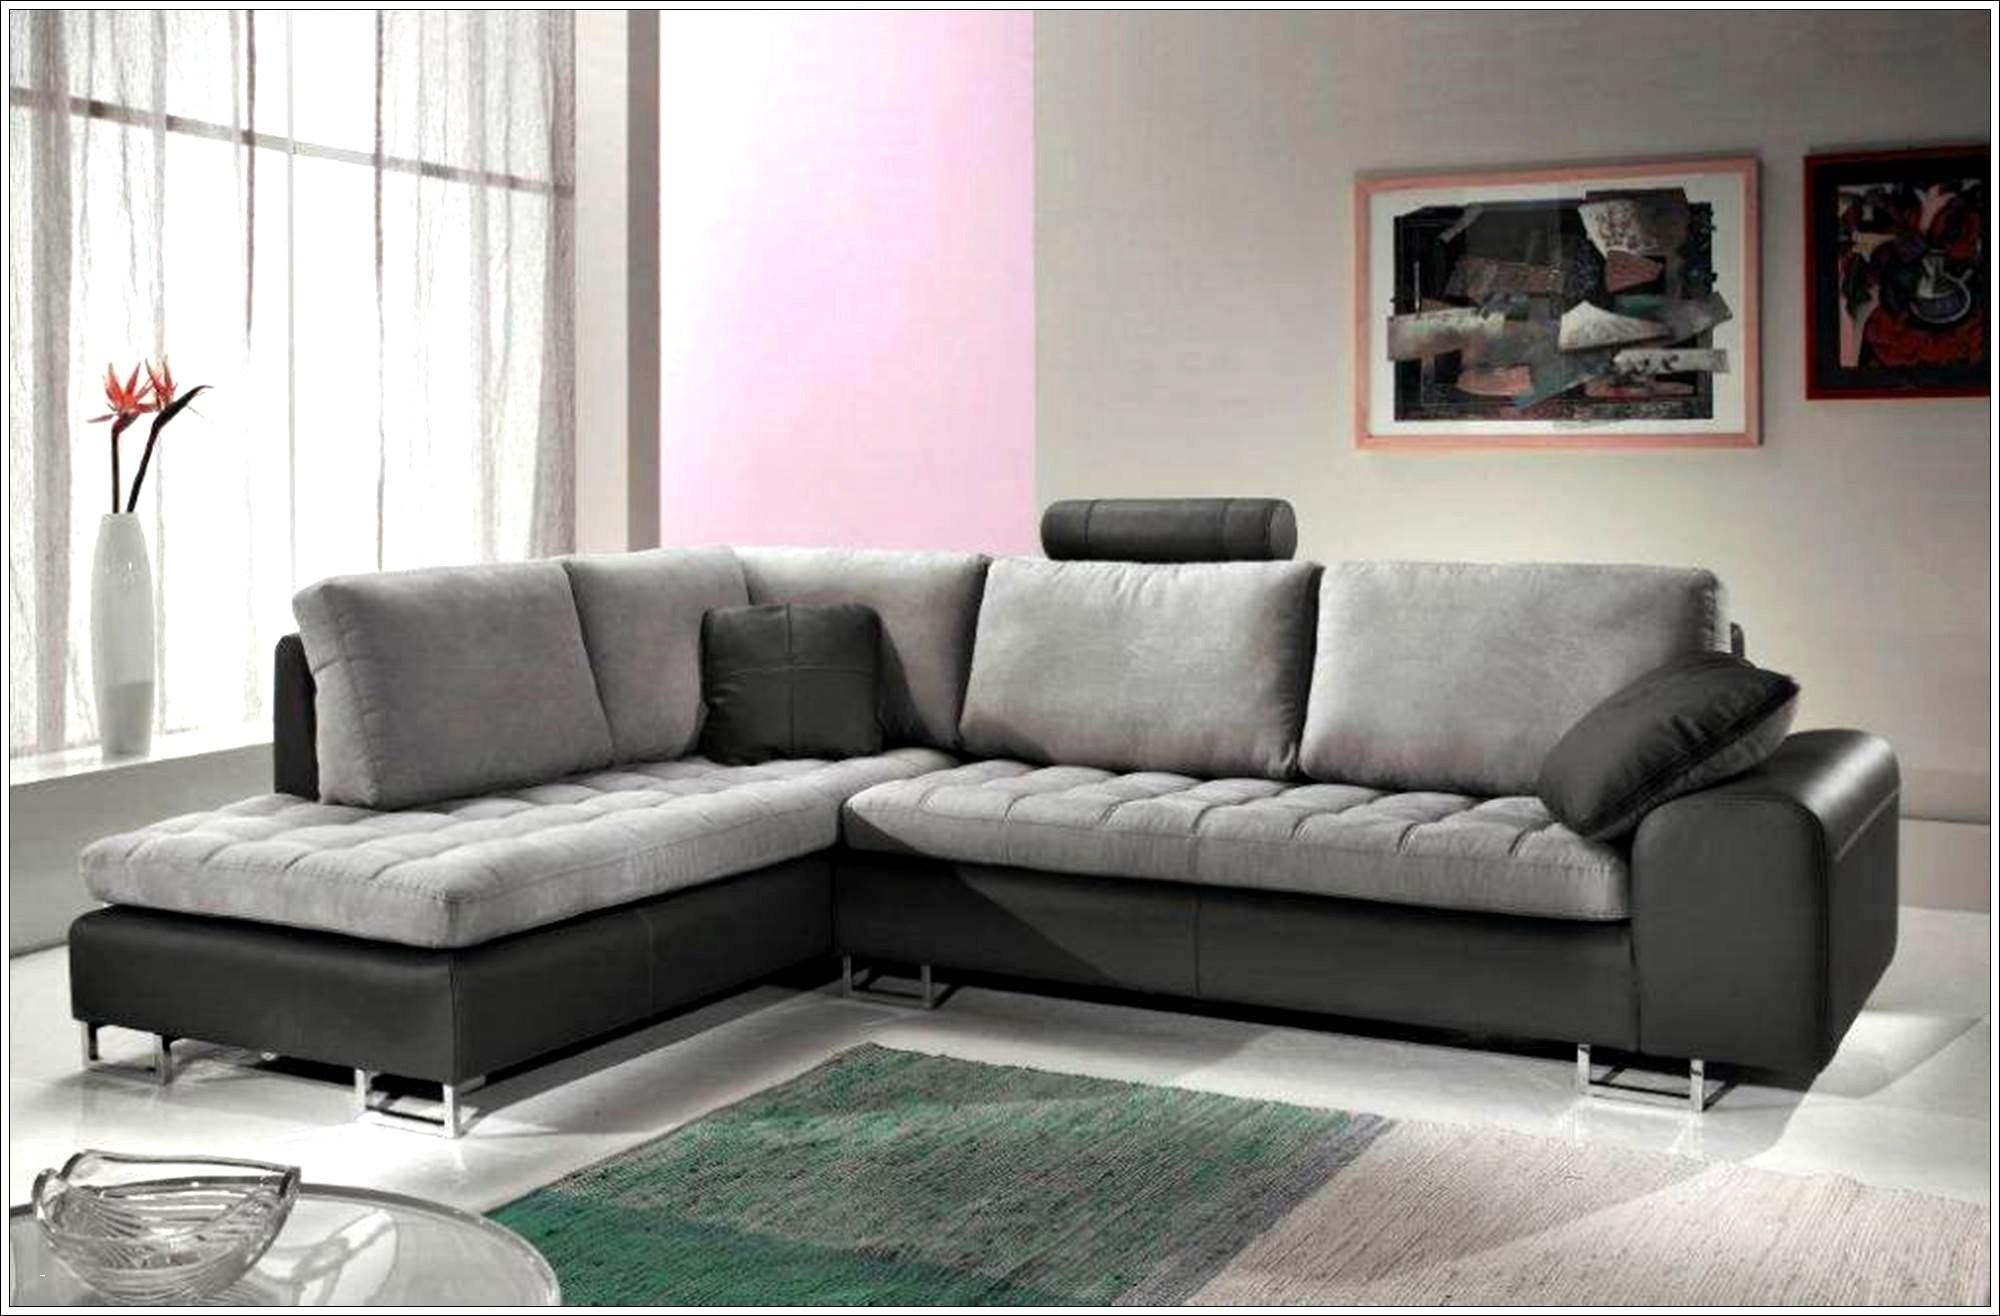 Canapé Relax Cuir Center Meilleur De Image 27 Beau Canapé En Cuir Design Design De Maison